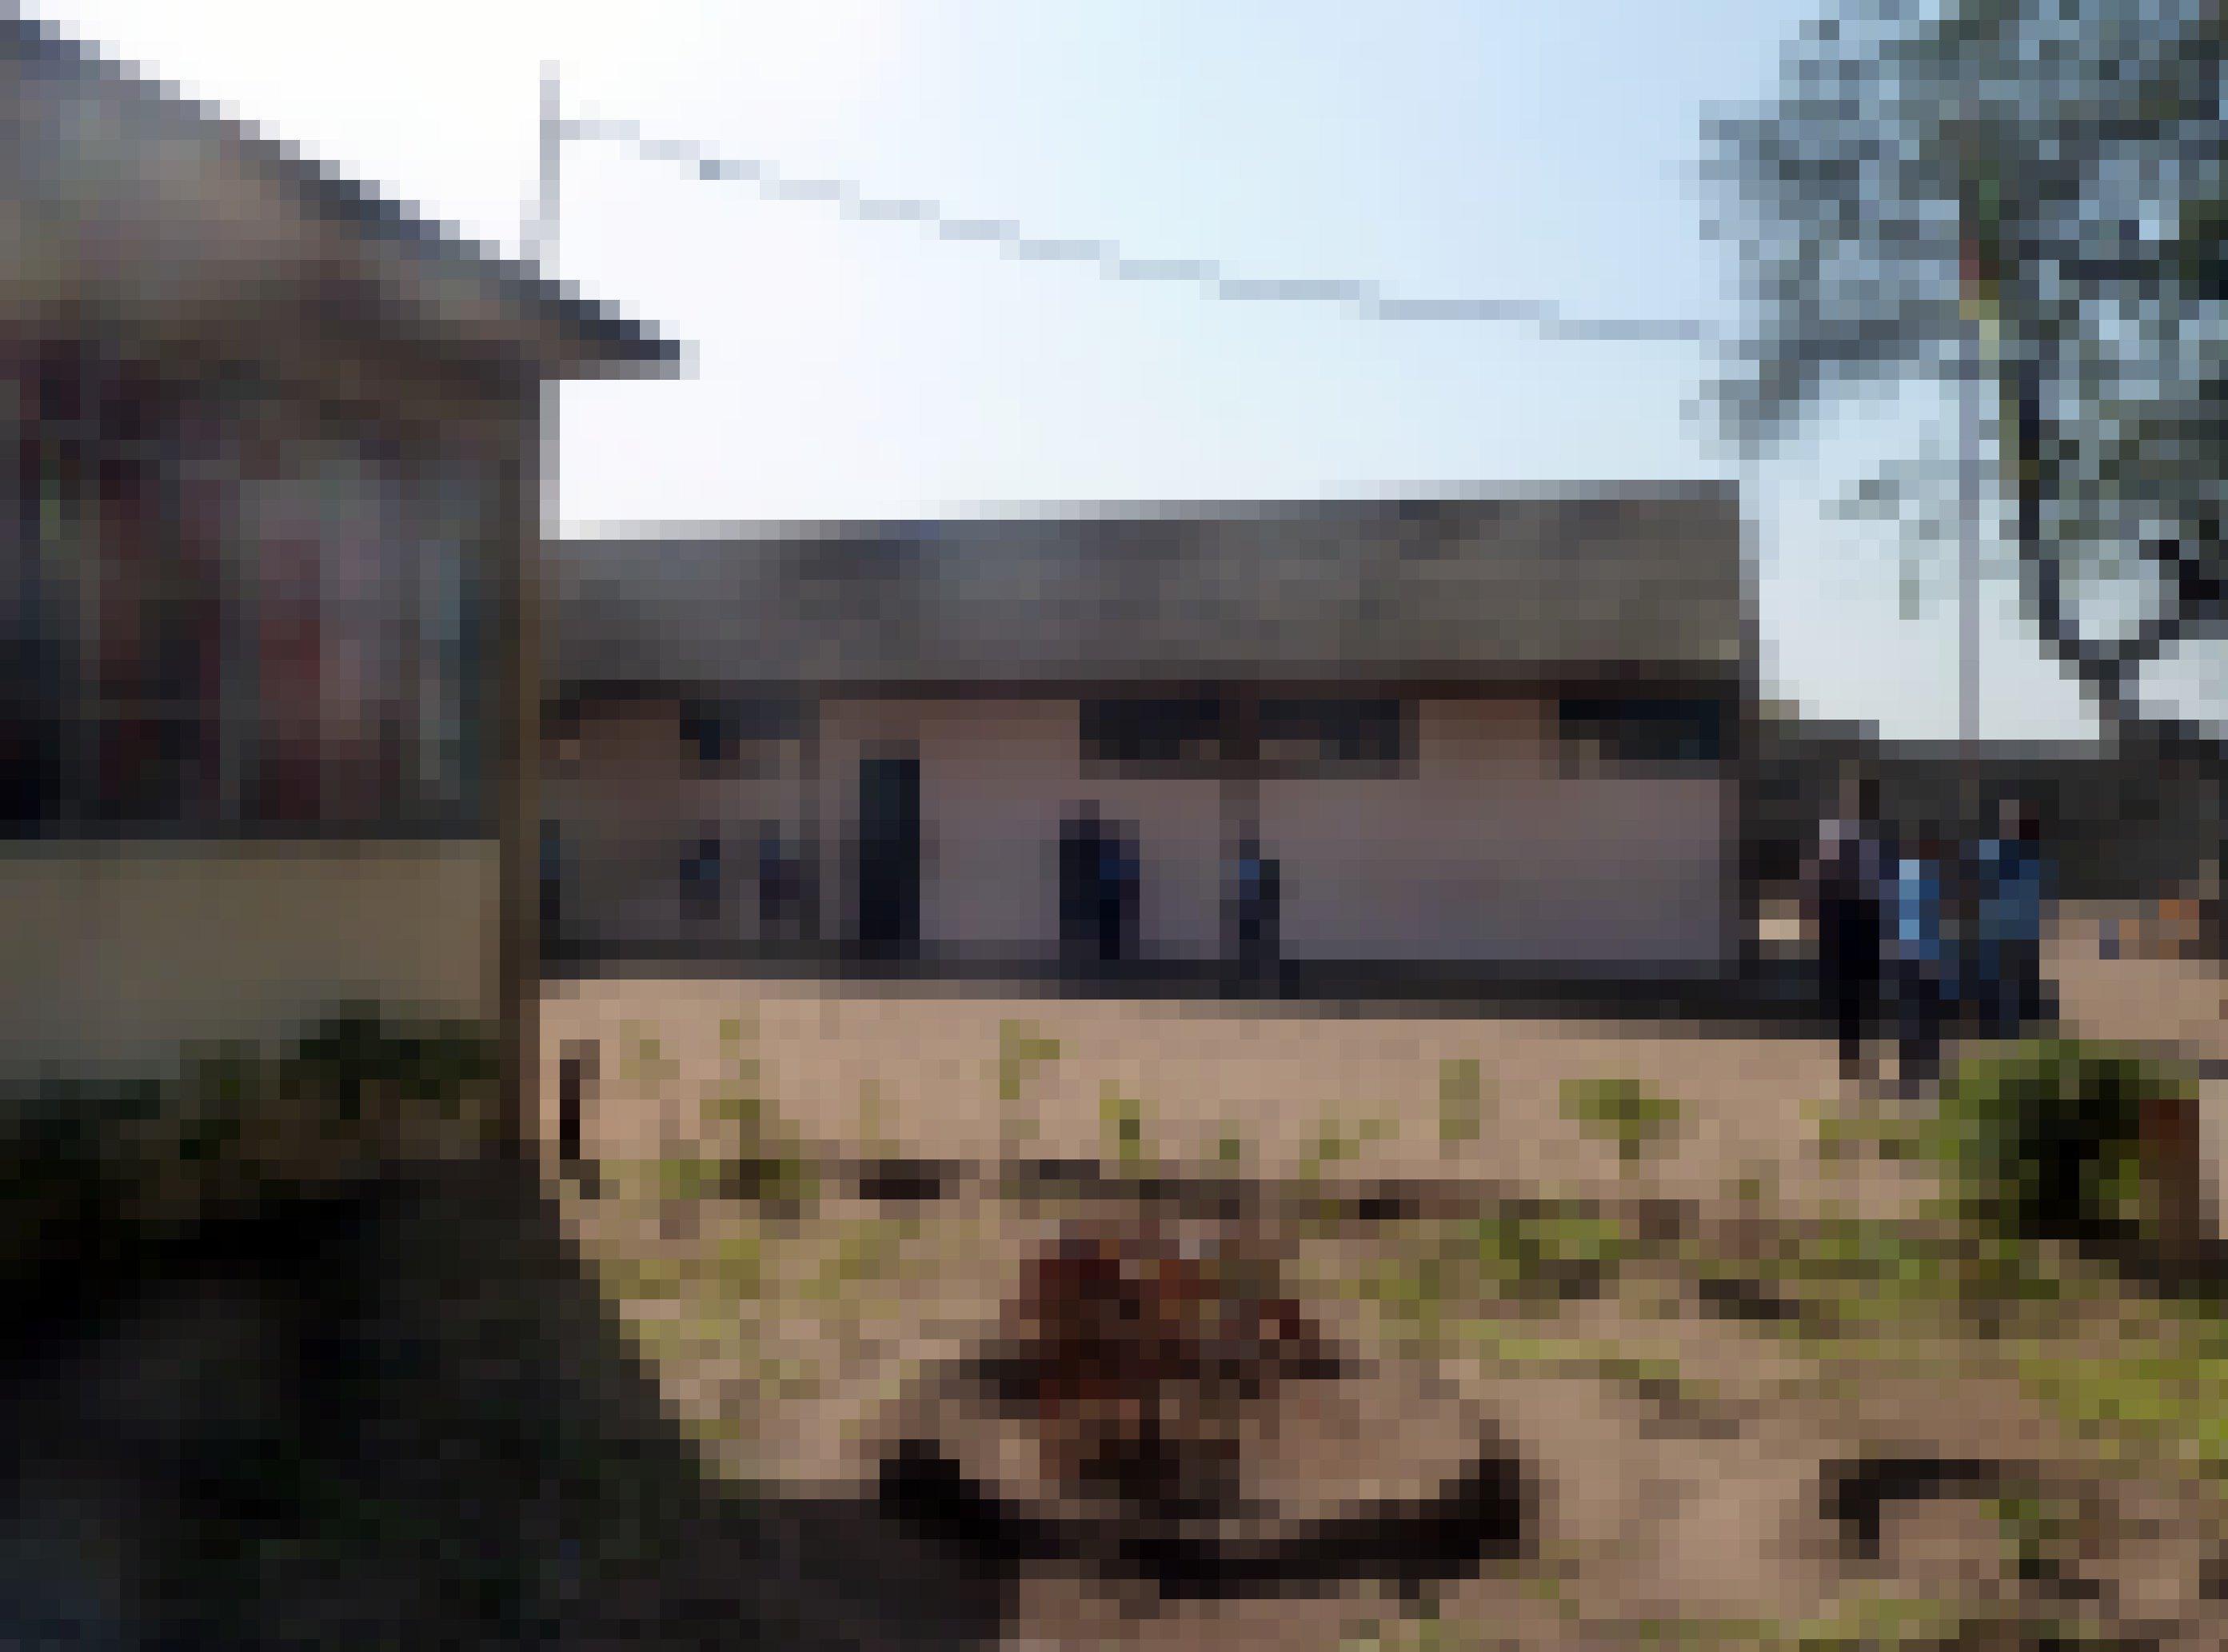 Marios Schule besteht aus mehreren schlichten, einstöckigen Gebäuden und einem staubigen, unebenen Schulhof